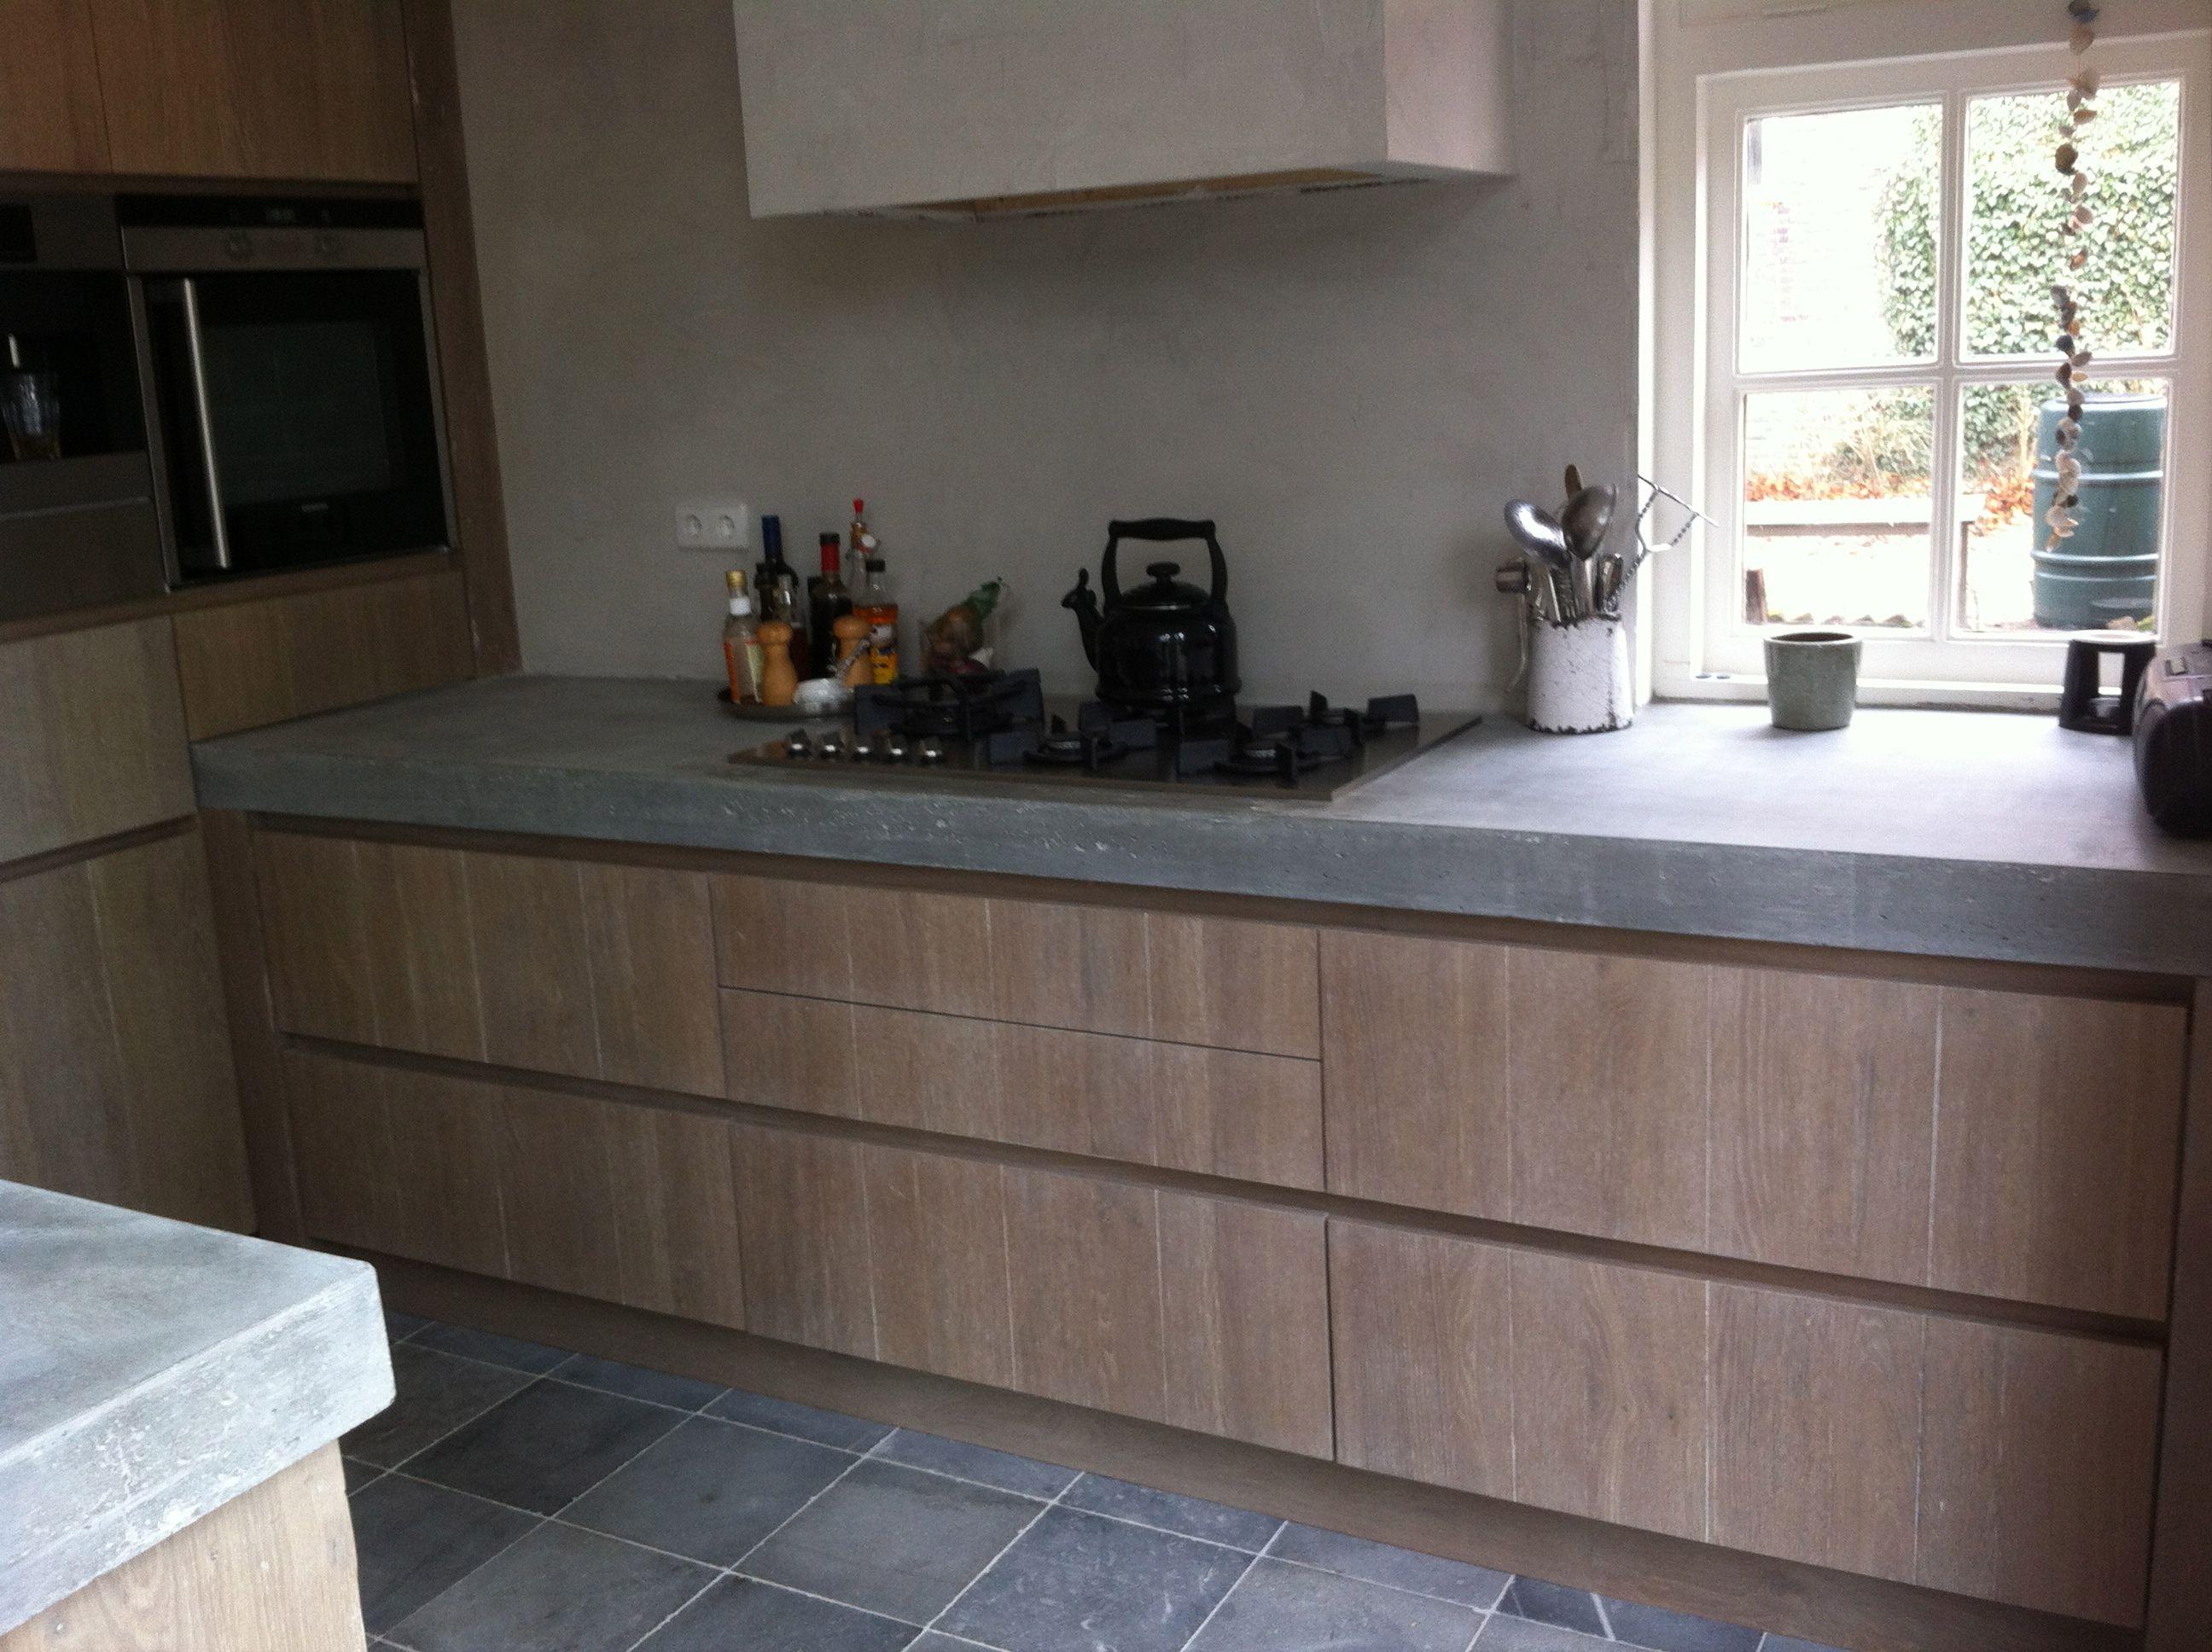 Keuken Met Betonblad : Robuuste oud eiken geloogde keuken met betonblad by natural living